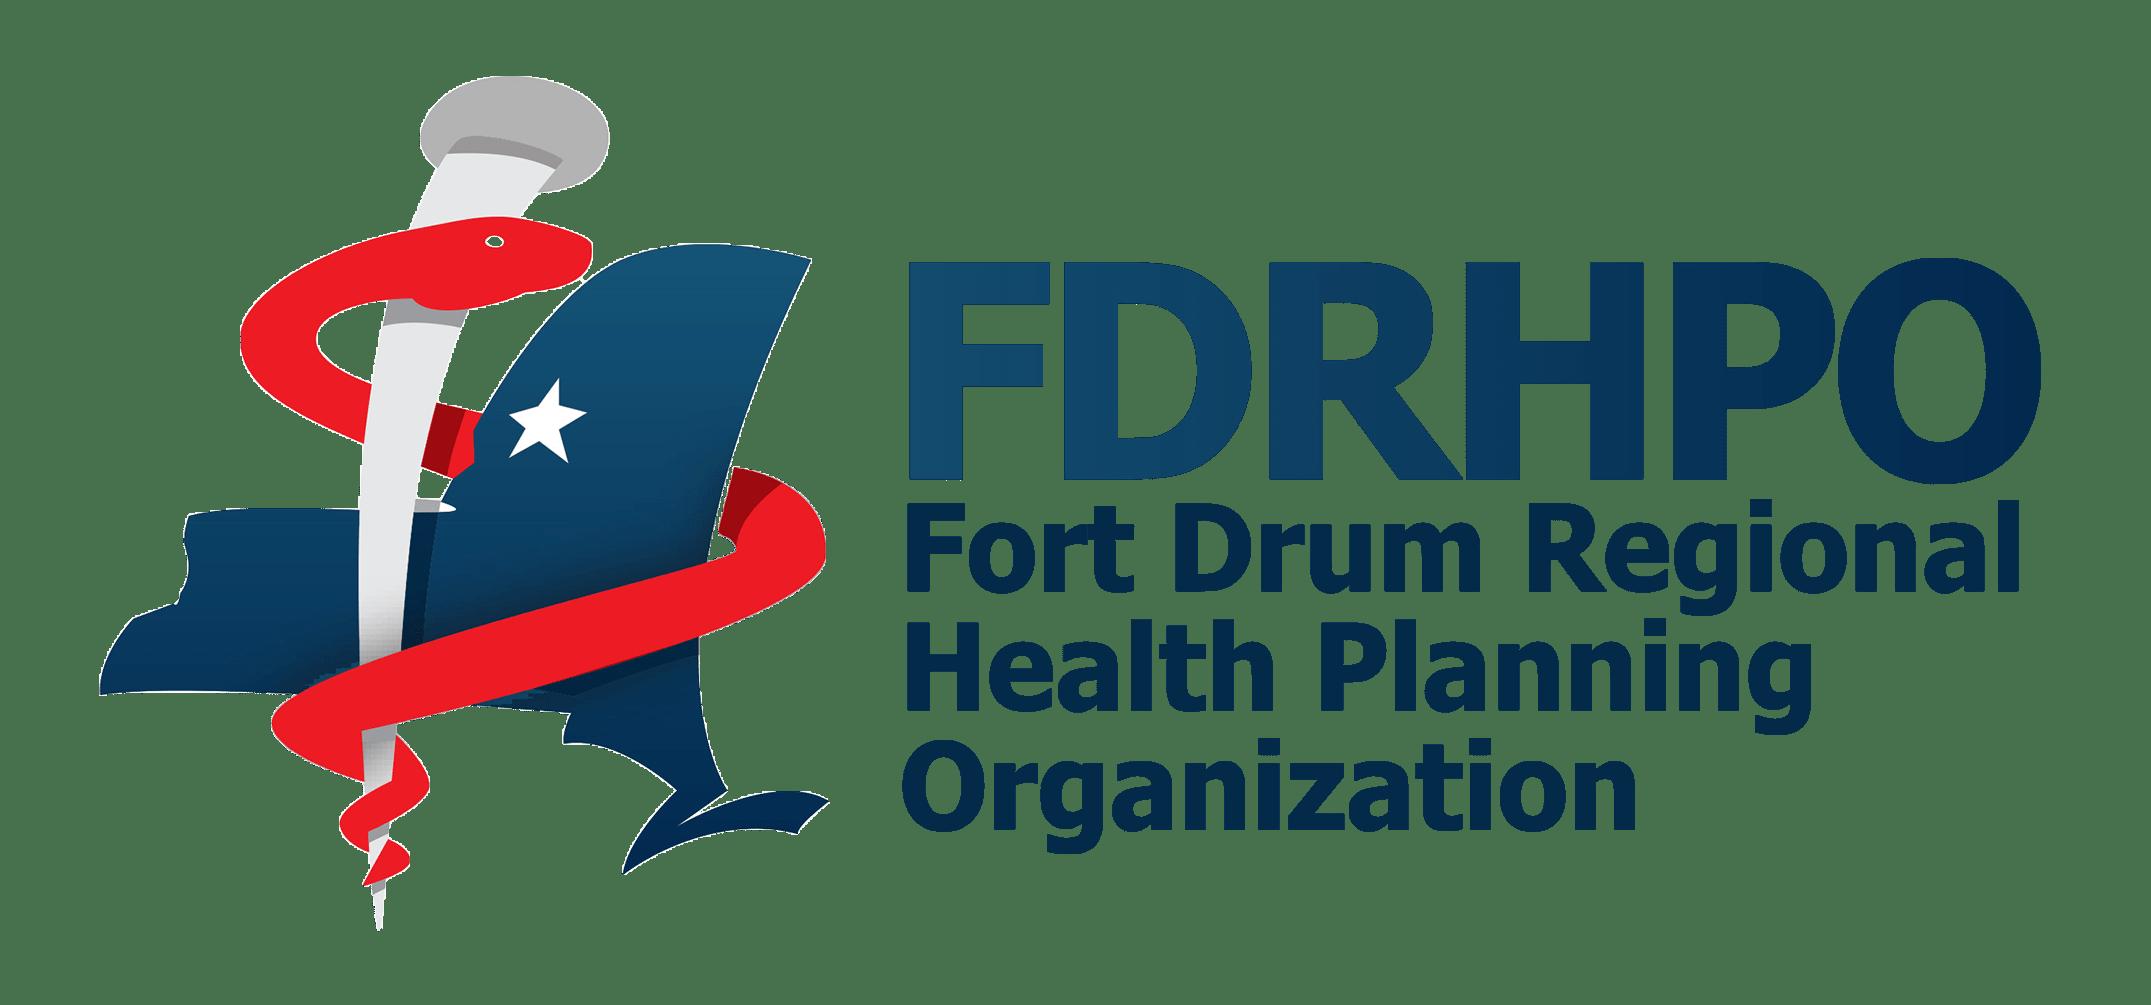 Fort Drum Website >> Home Fort Drum Regional Health Planning Organization